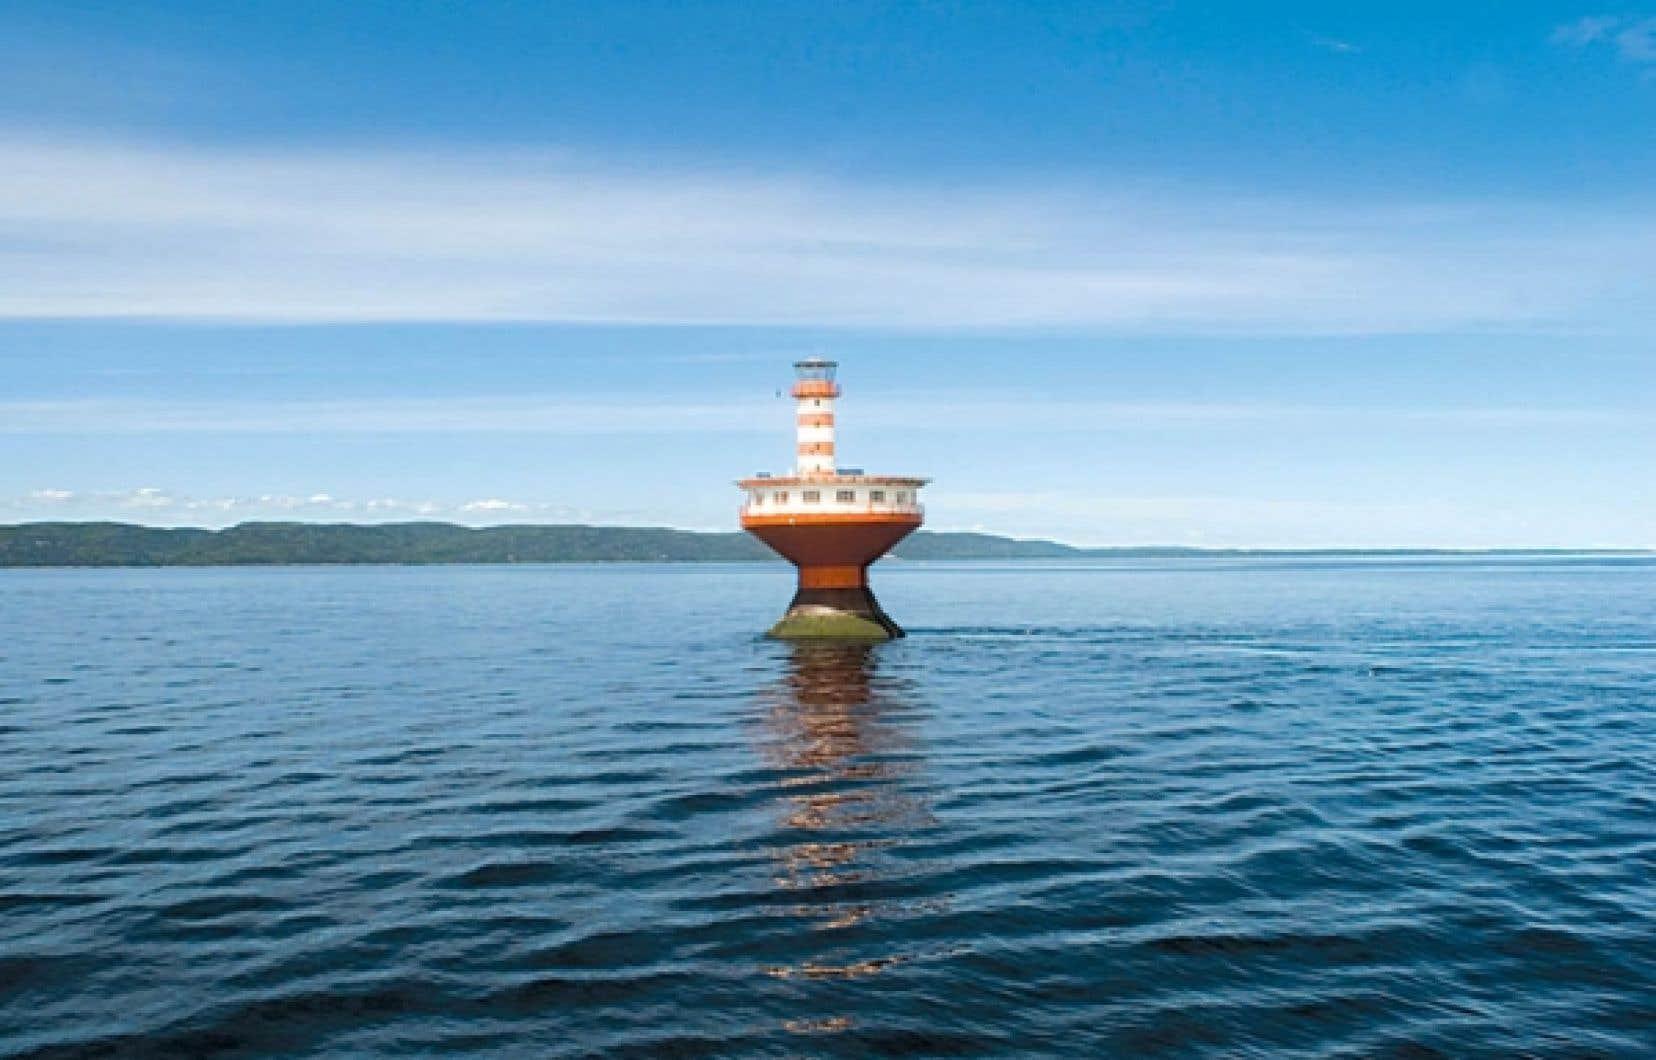 La qualit&eacute; de l&rsquo;eau du fleuve Saint-Laurent est demeur&eacute;e stable dans la d&eacute;cennie 1999-2008.<br />